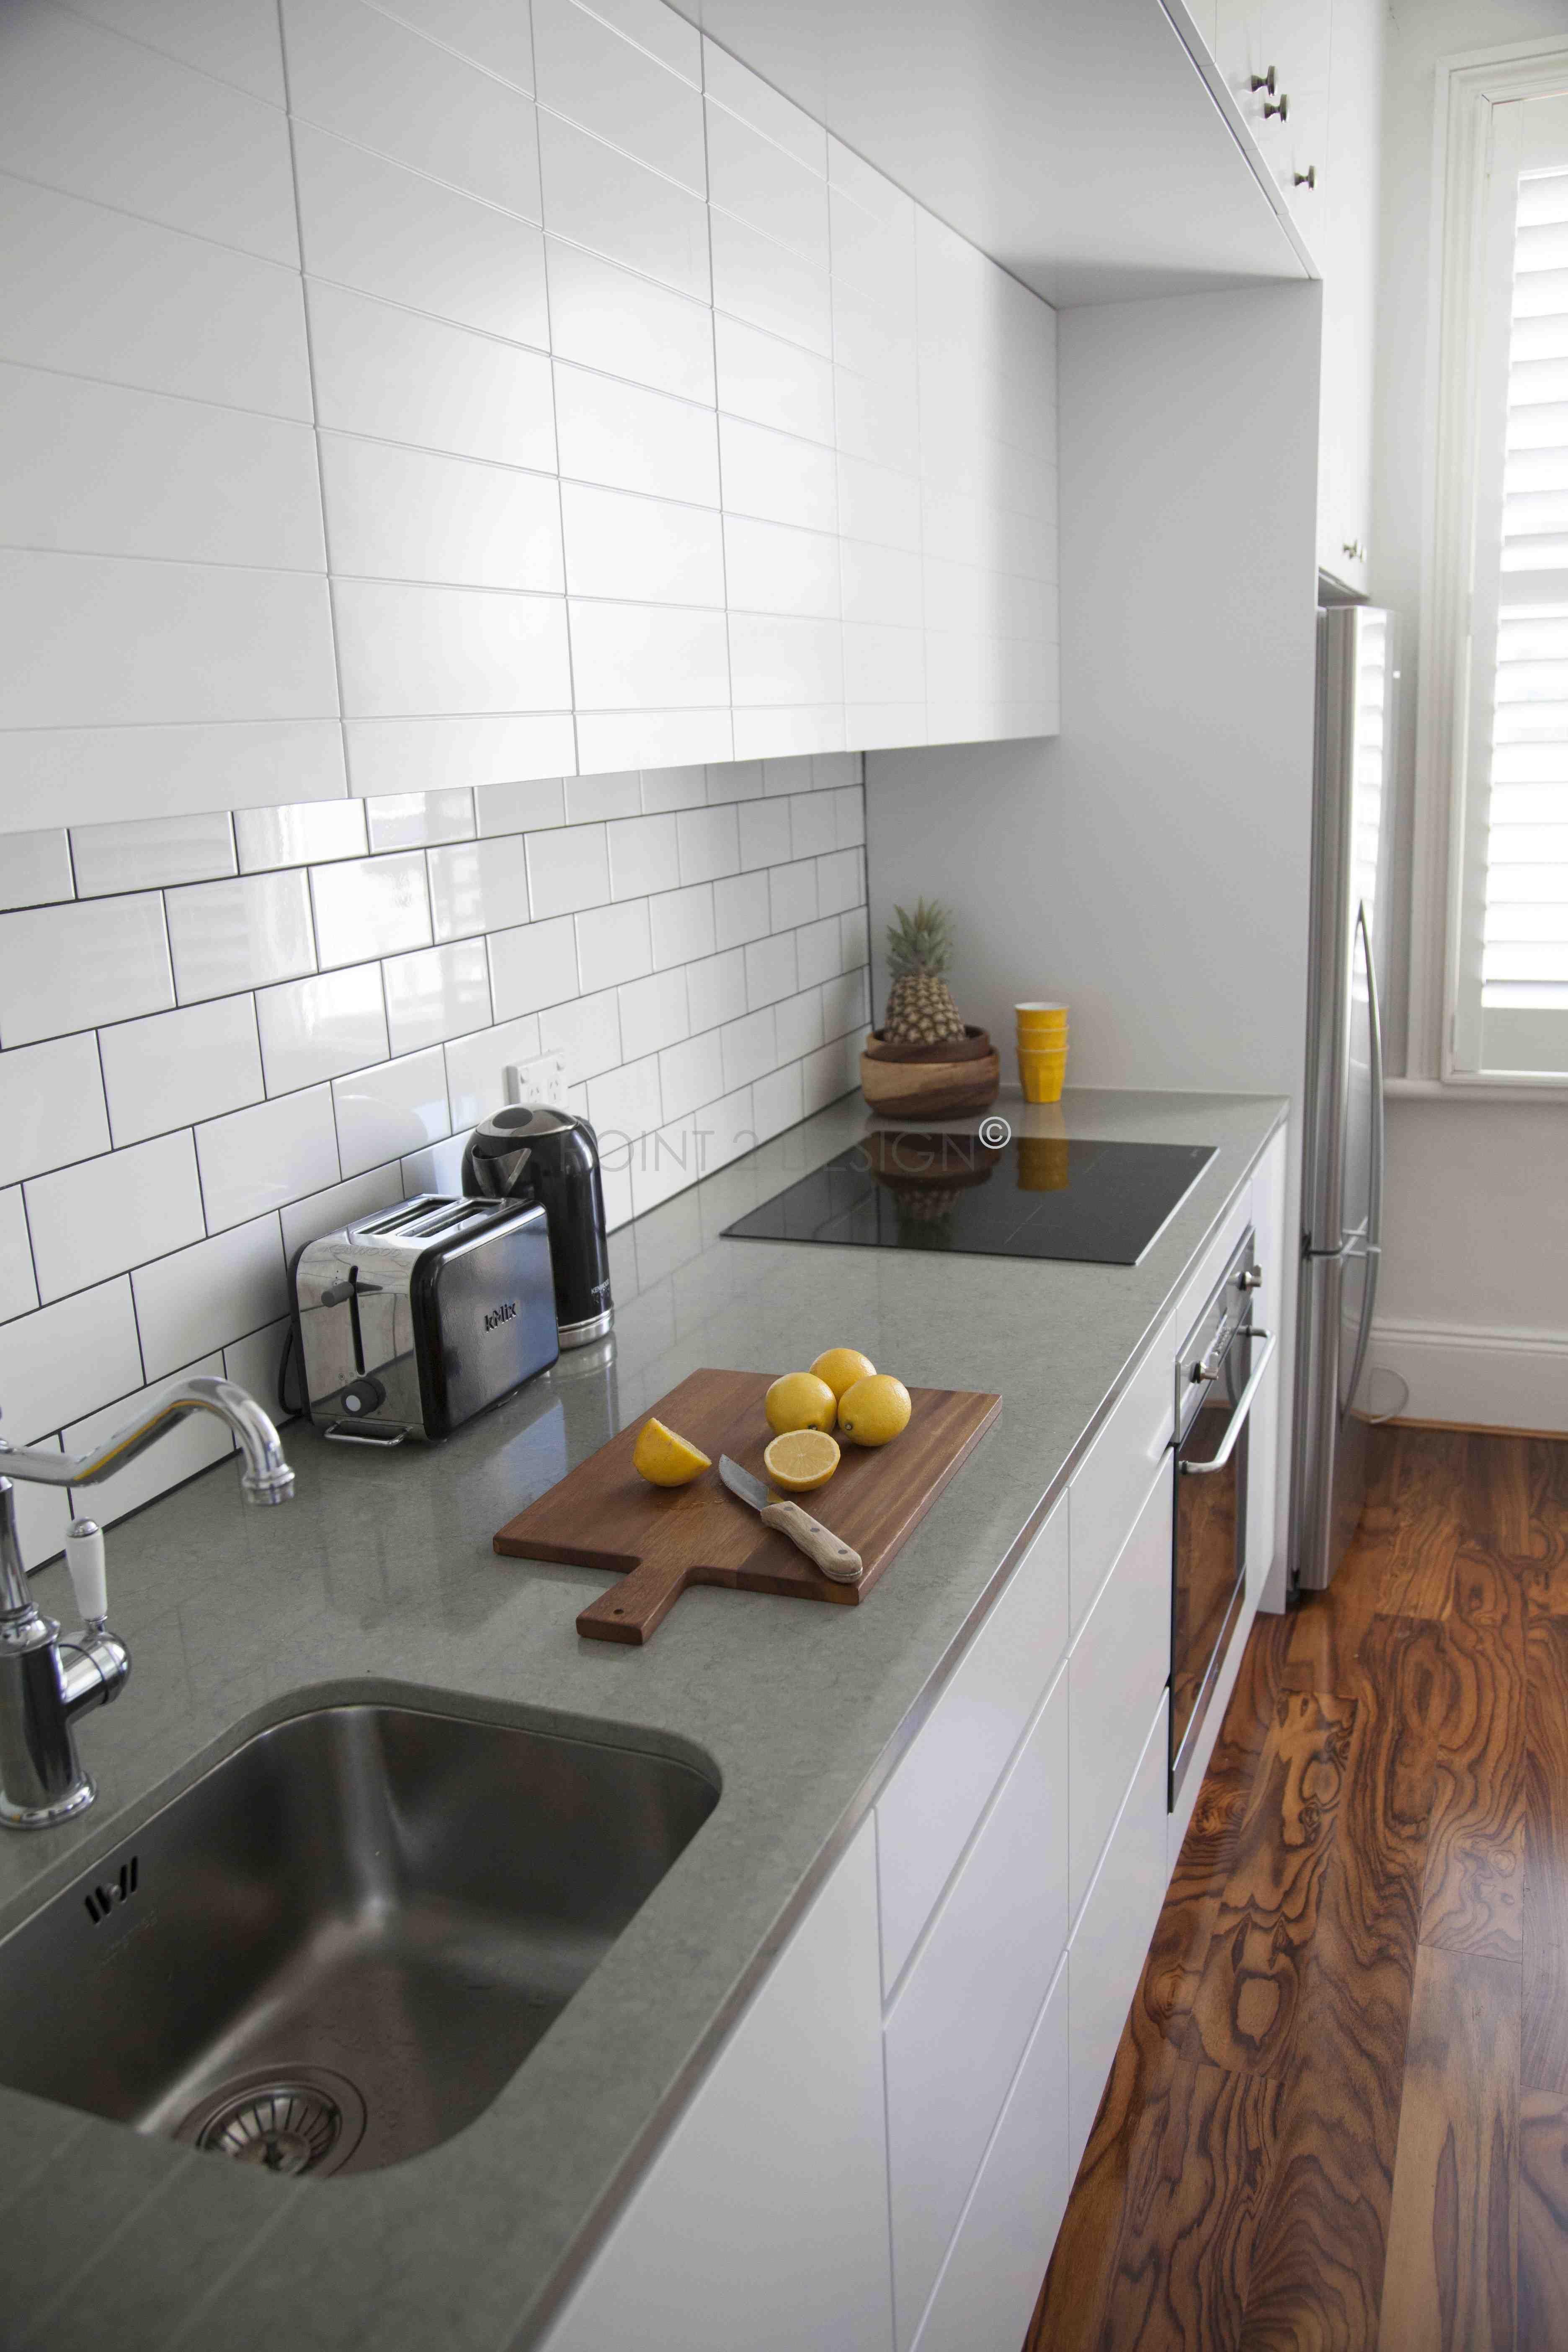 summerhill apartment kitchen detail subwaytile customkitchen joinery stonebenchtops